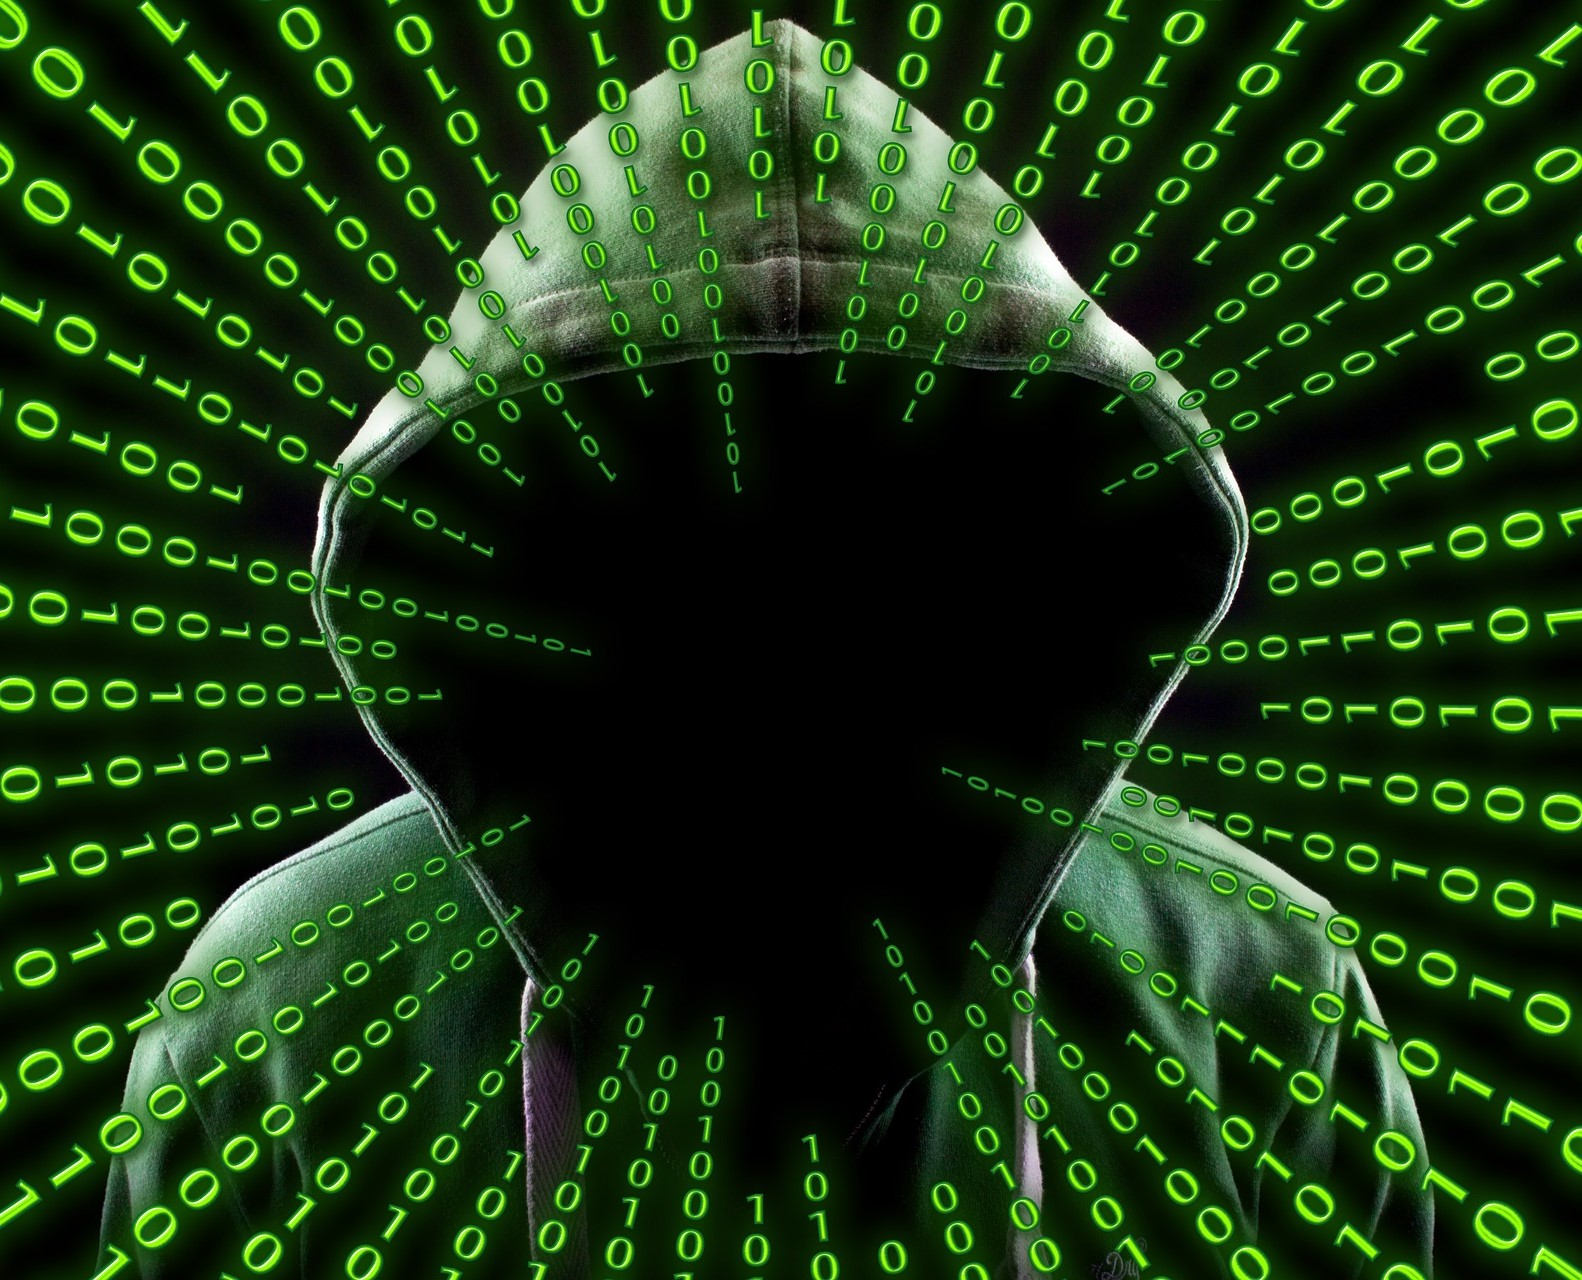 Картинки с вирусом на компьютер фото как выглядит вирус компьютера, поздравлением